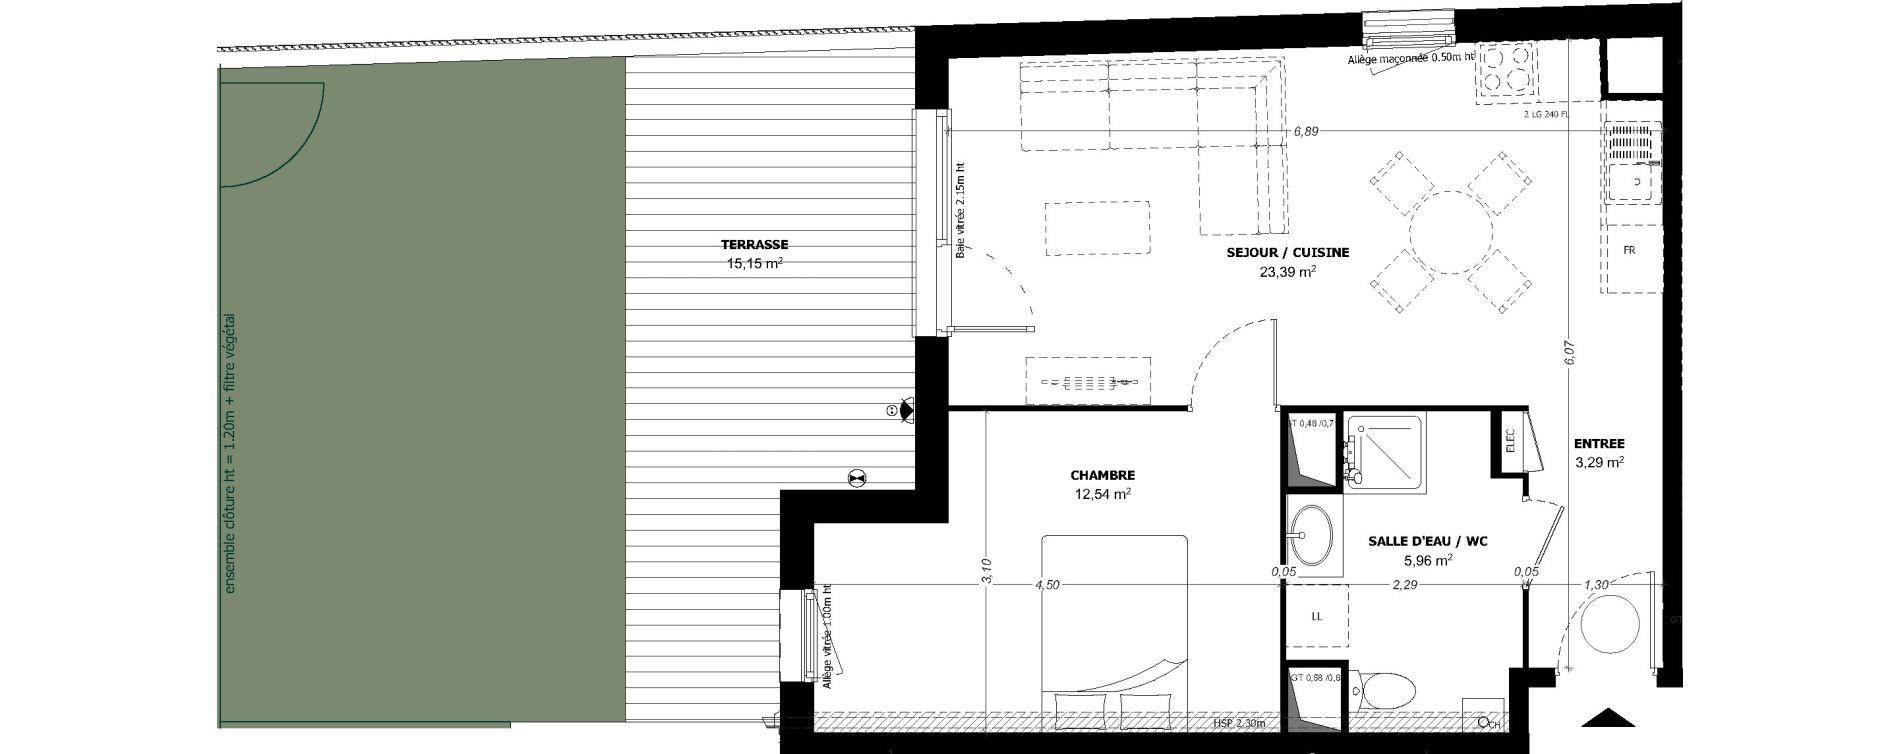 Appartement T2 de 45,18 m2 à Beauzelle Zac andromede